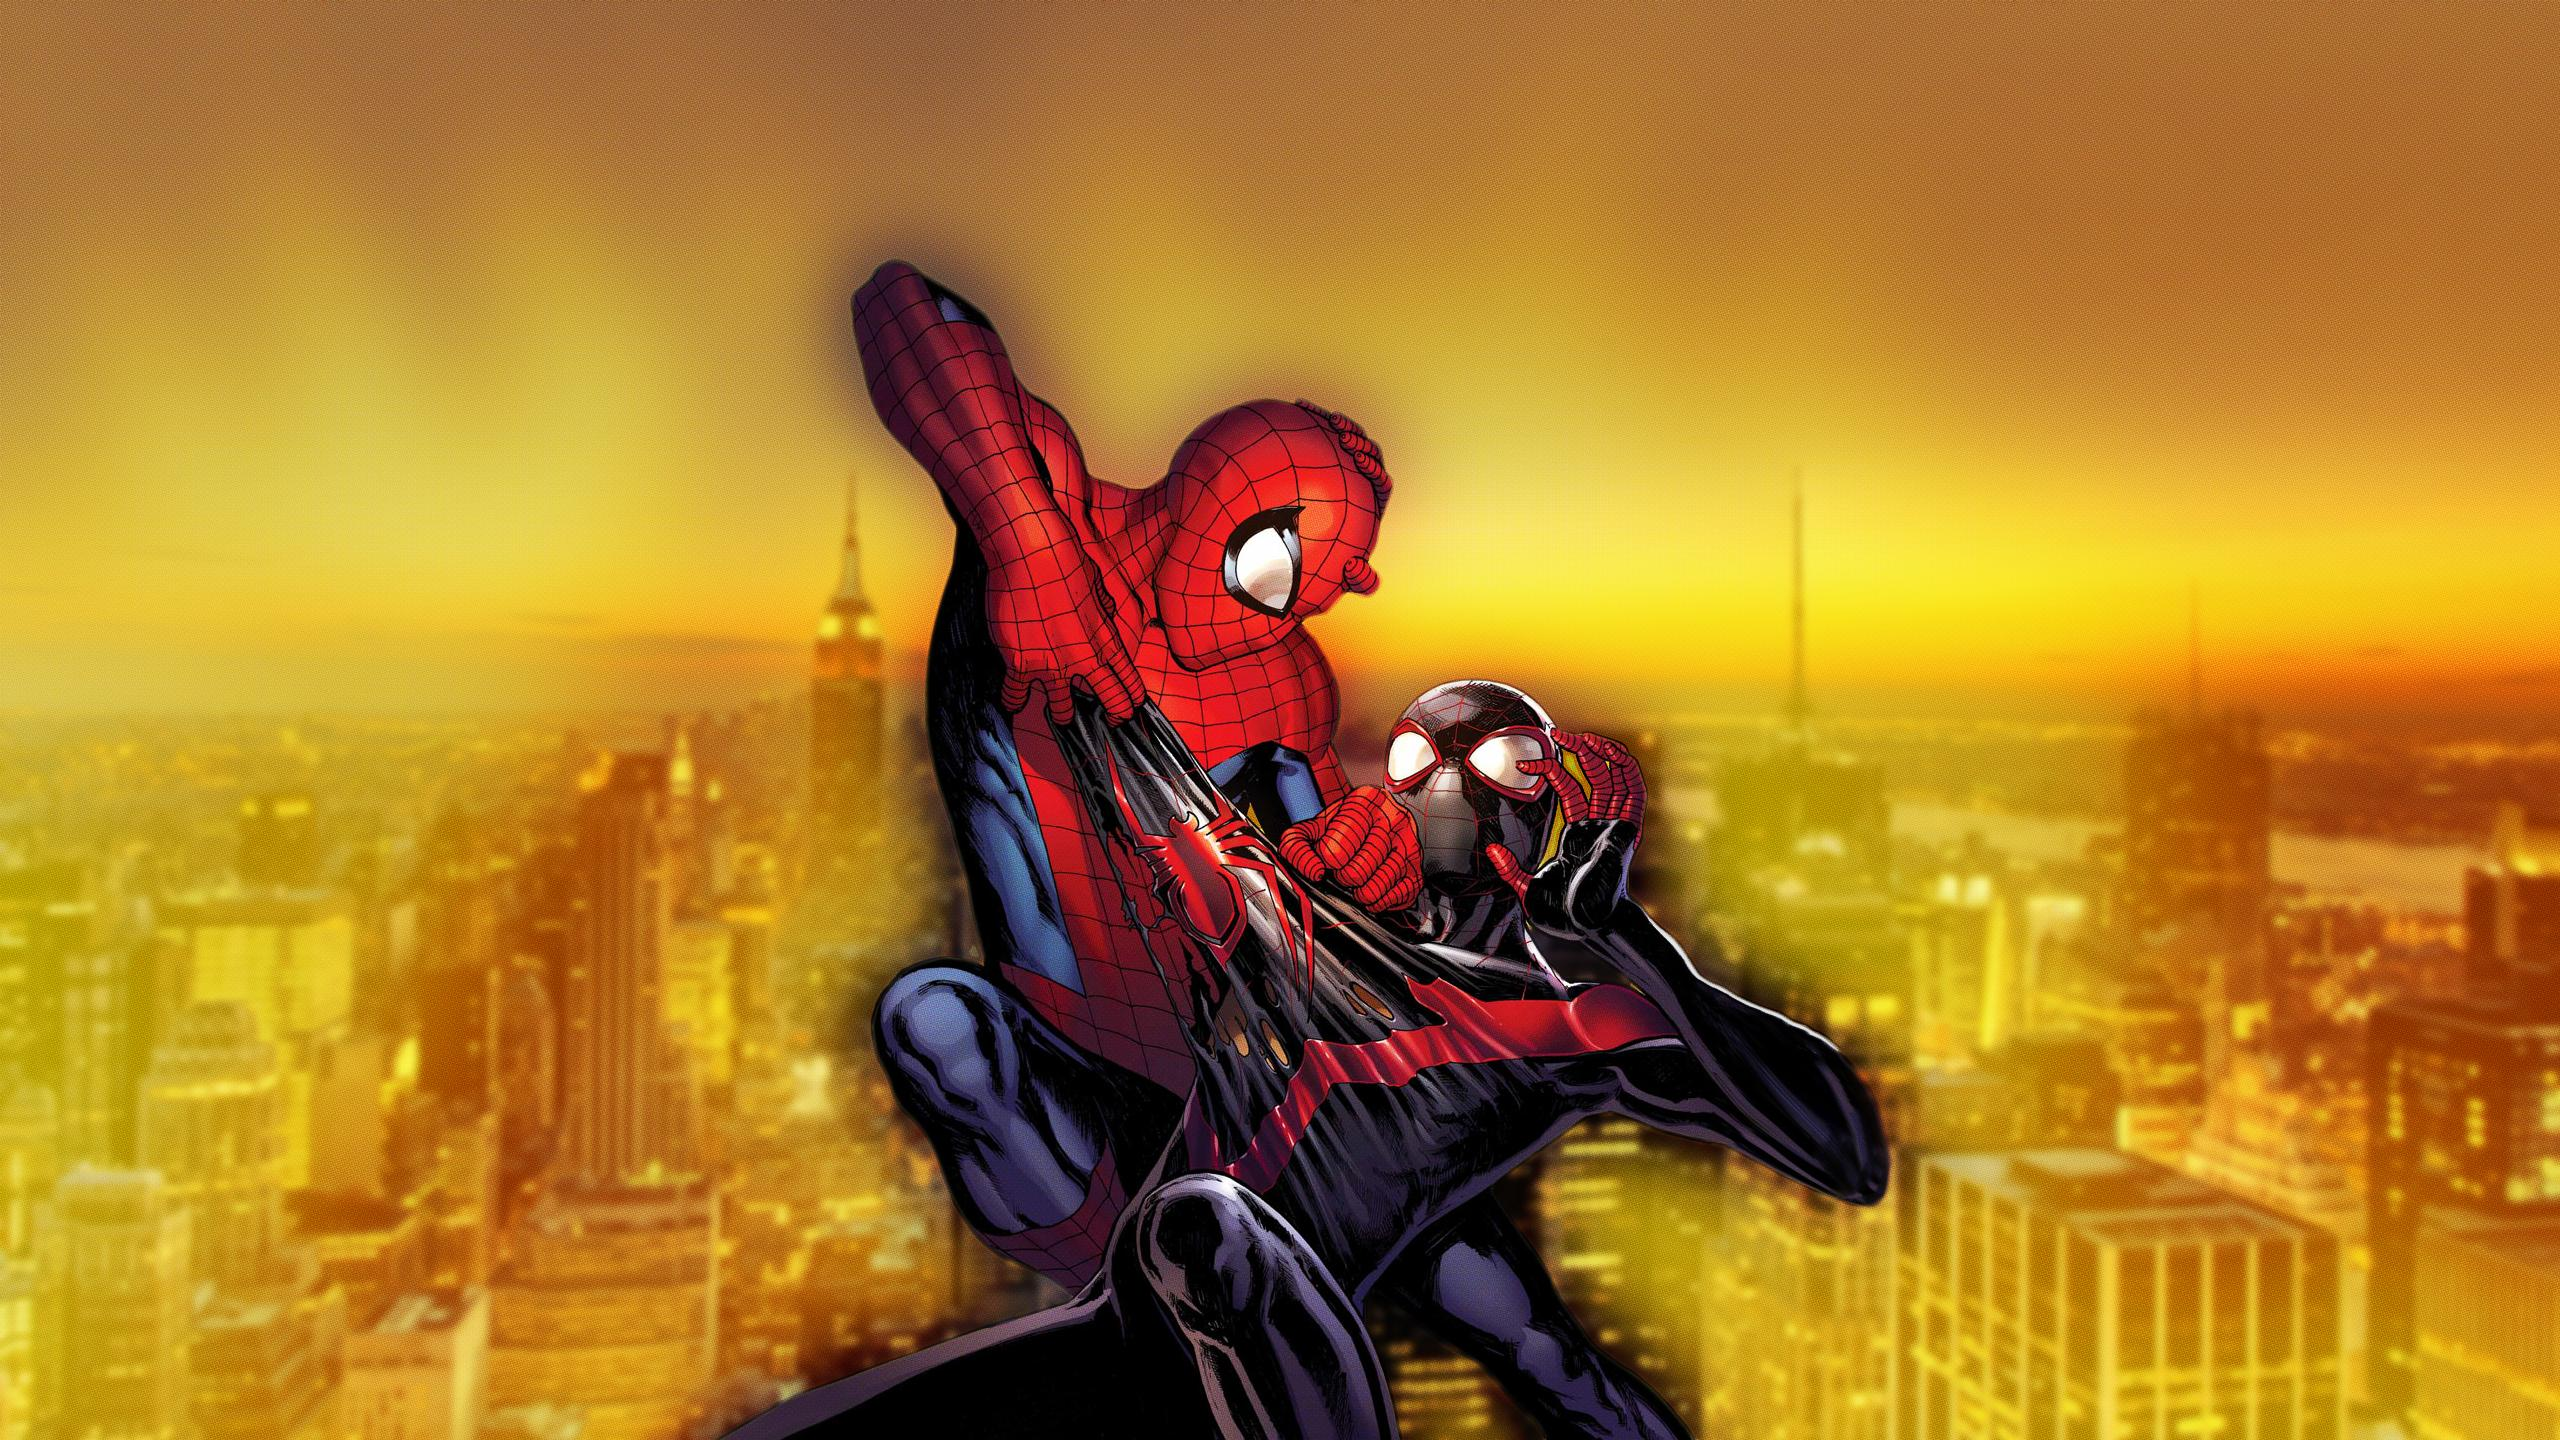 1440p] Spiderman Spiderman Wallpaper   1080p in comments iimgur 2560x1440